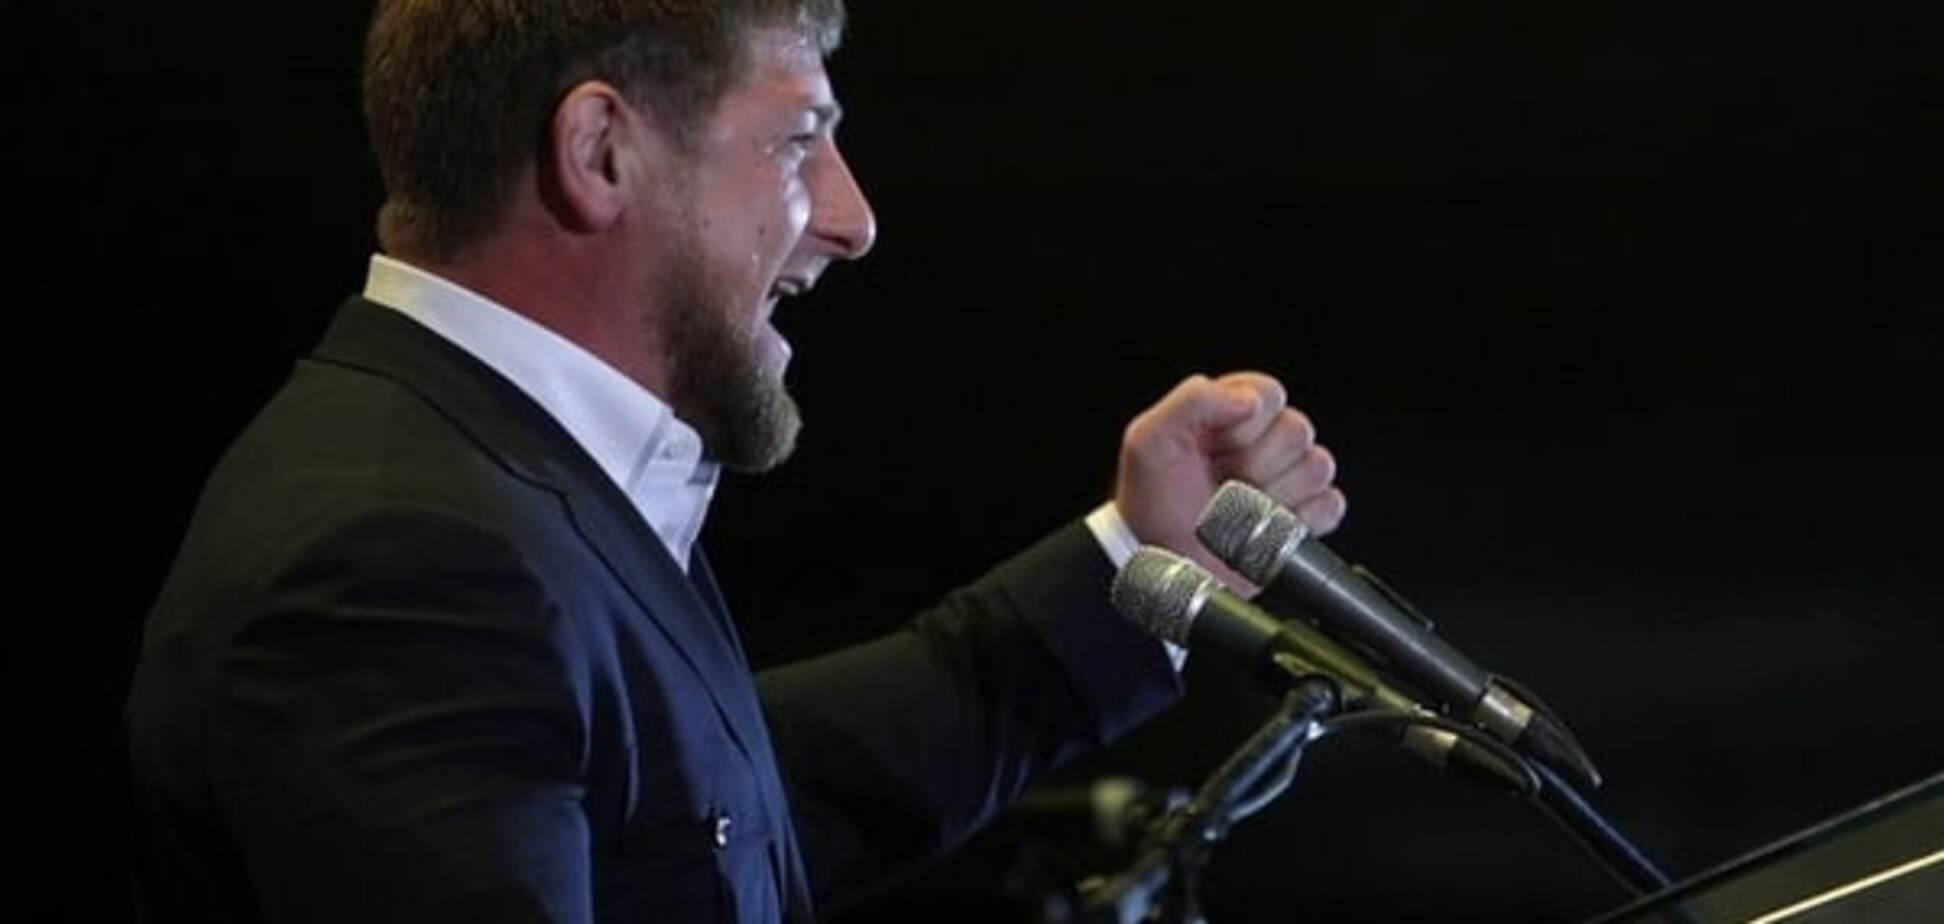 Шоу продолжается: писателя Веллера попросили поддержать Кадырова